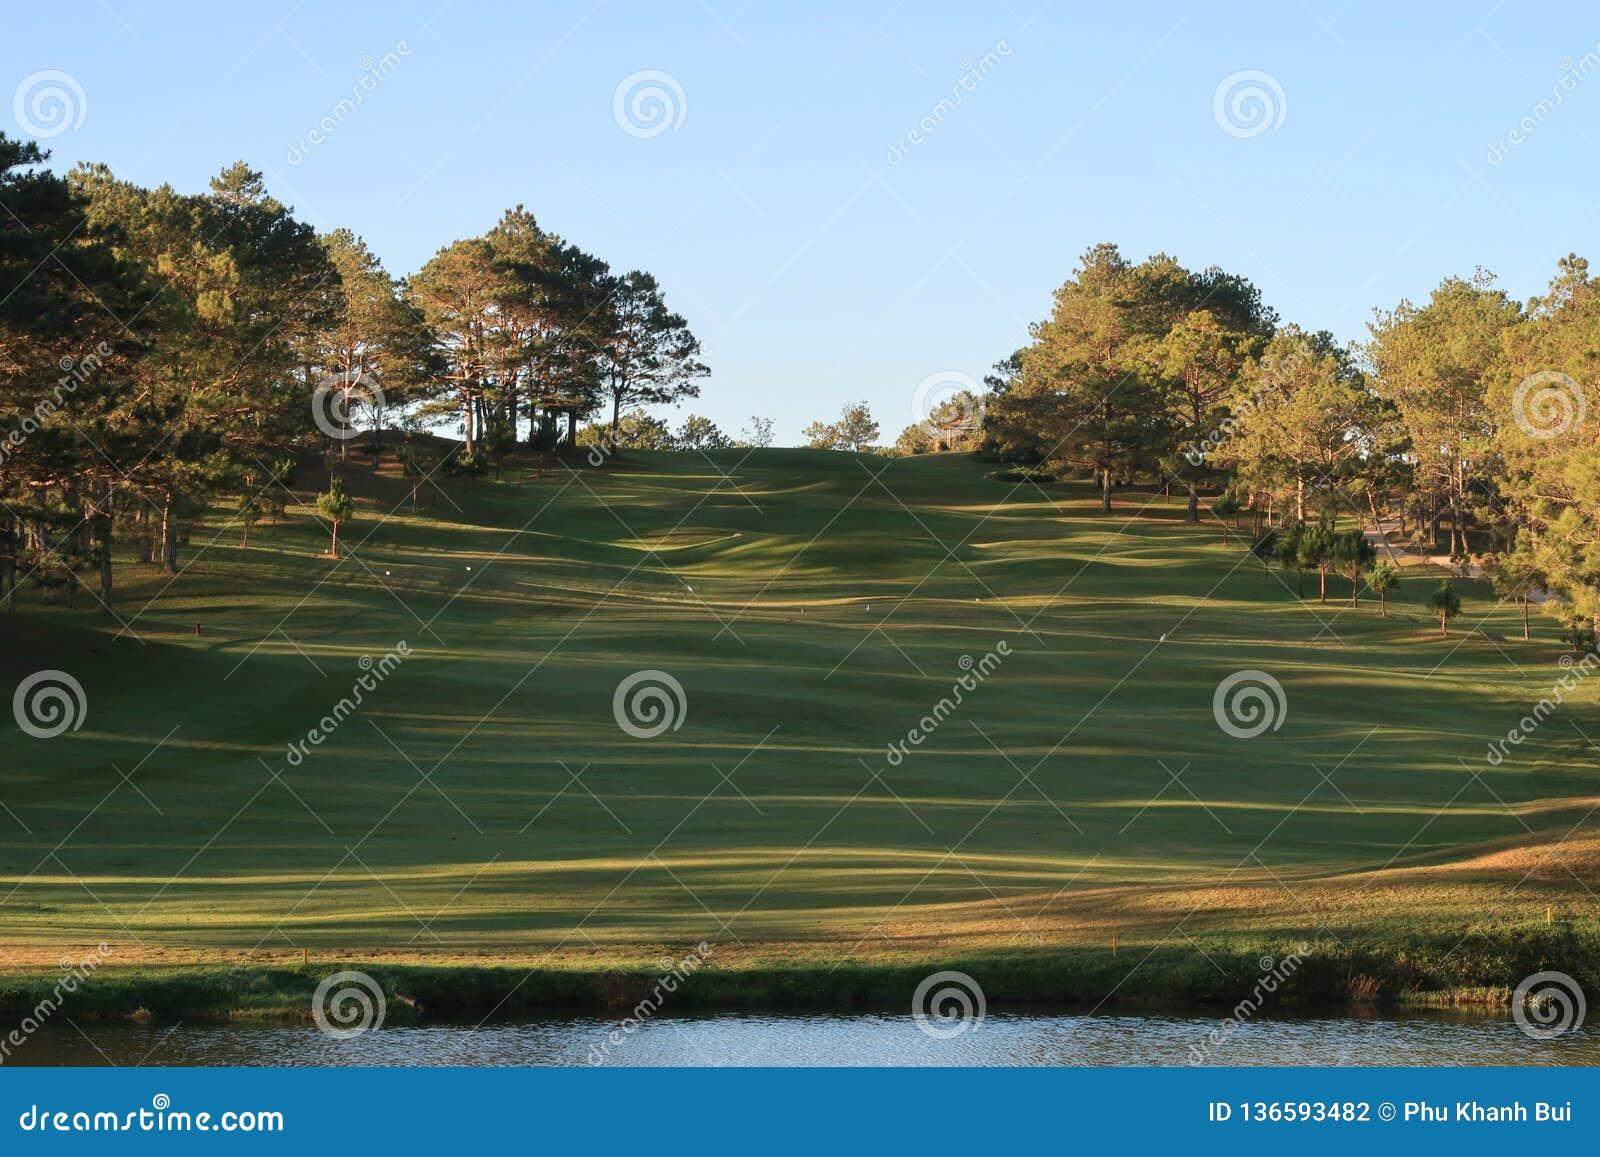 Φύση με τα μαγικά sunrays, την ηλιοφάνεια, την ελαφριά και πράσινη χλόη, λιβάδι Χρήση φωτογραφιών στο σχέδιο ιδέας για το γκολφ,